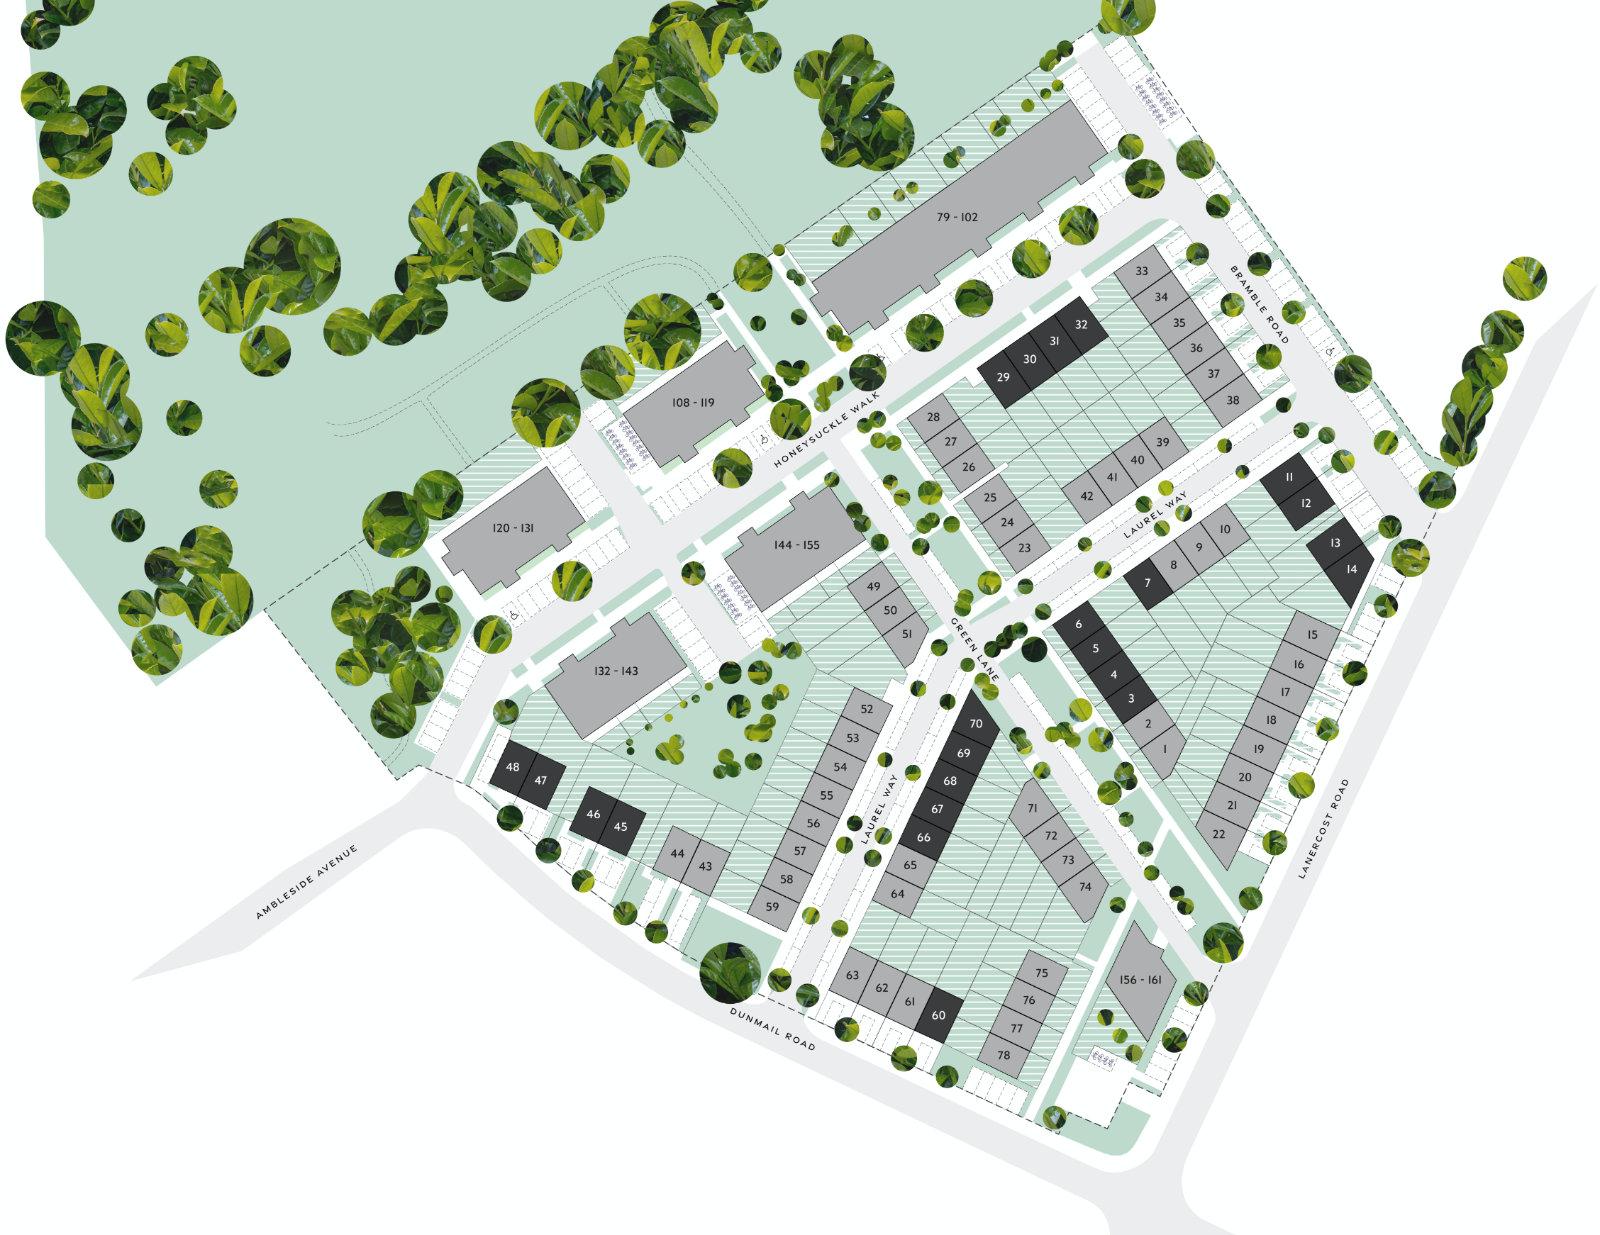 Elderberry Walk Siteplan